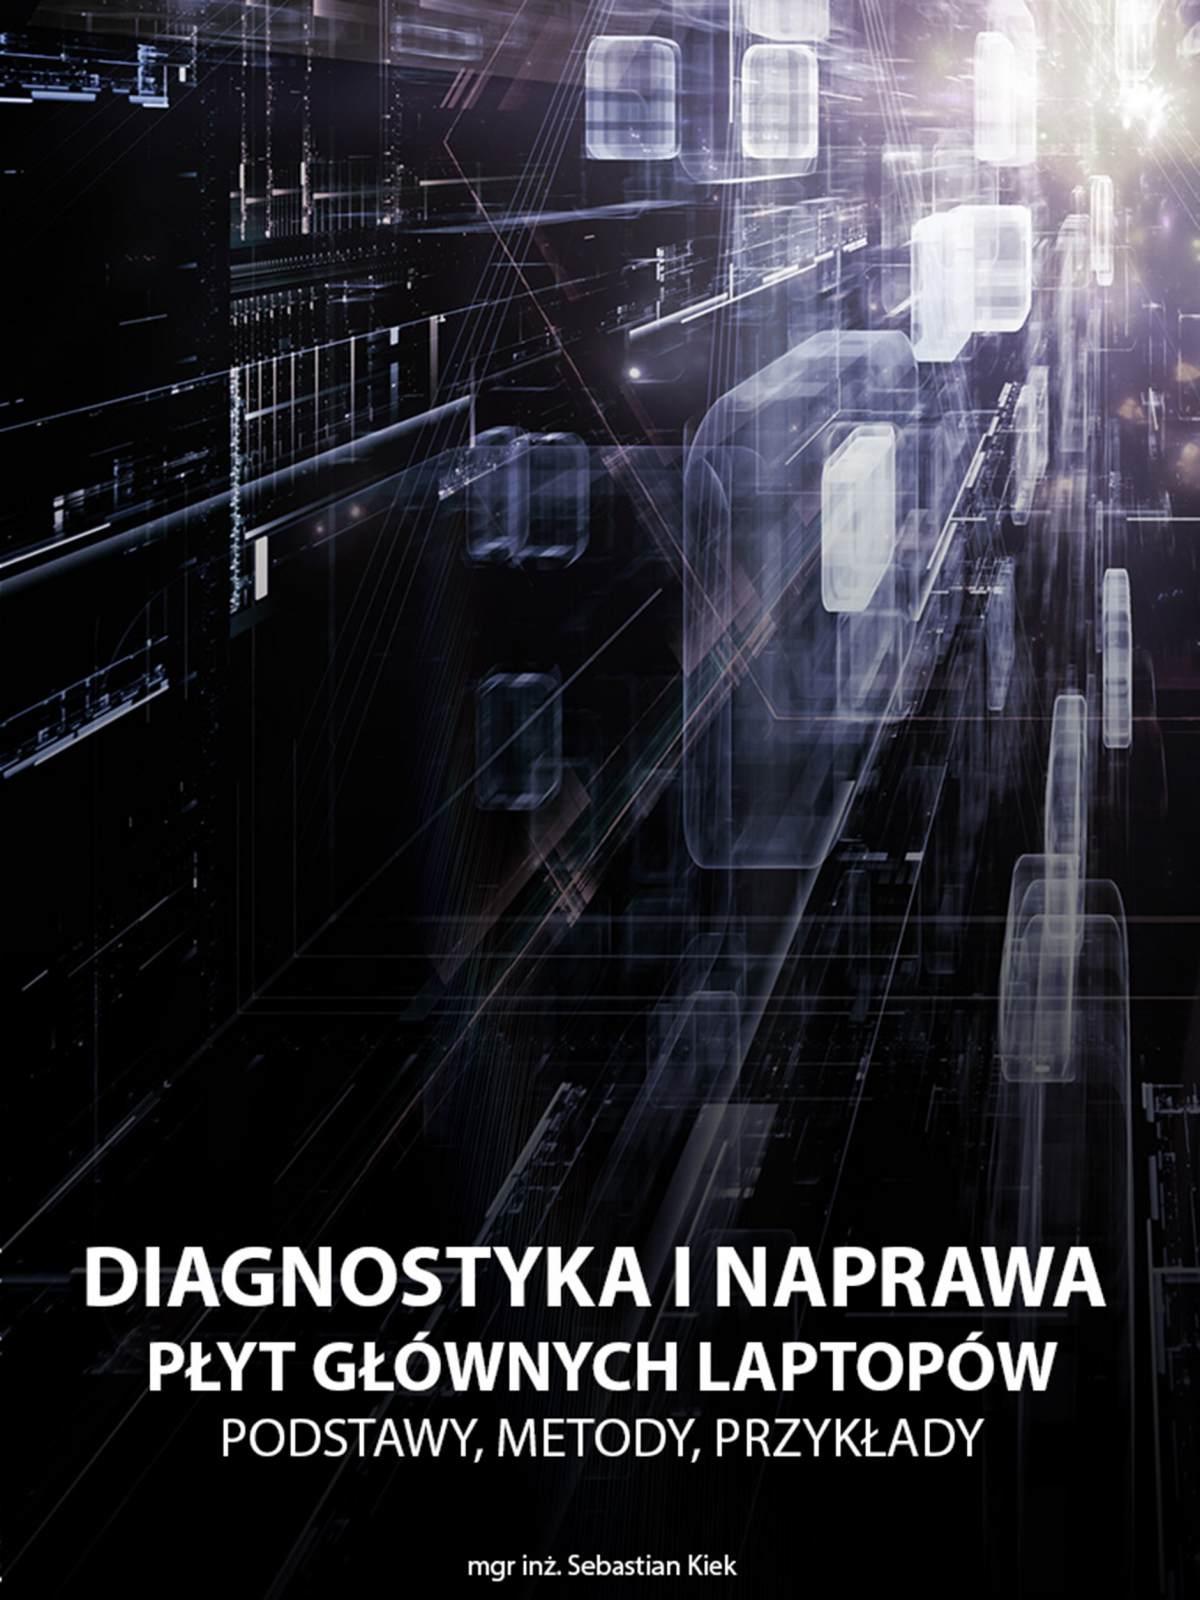 Diagnostyka i naprawa płyt głównych laptopów - Ebook (Książka PDF) do pobrania w formacie PDF